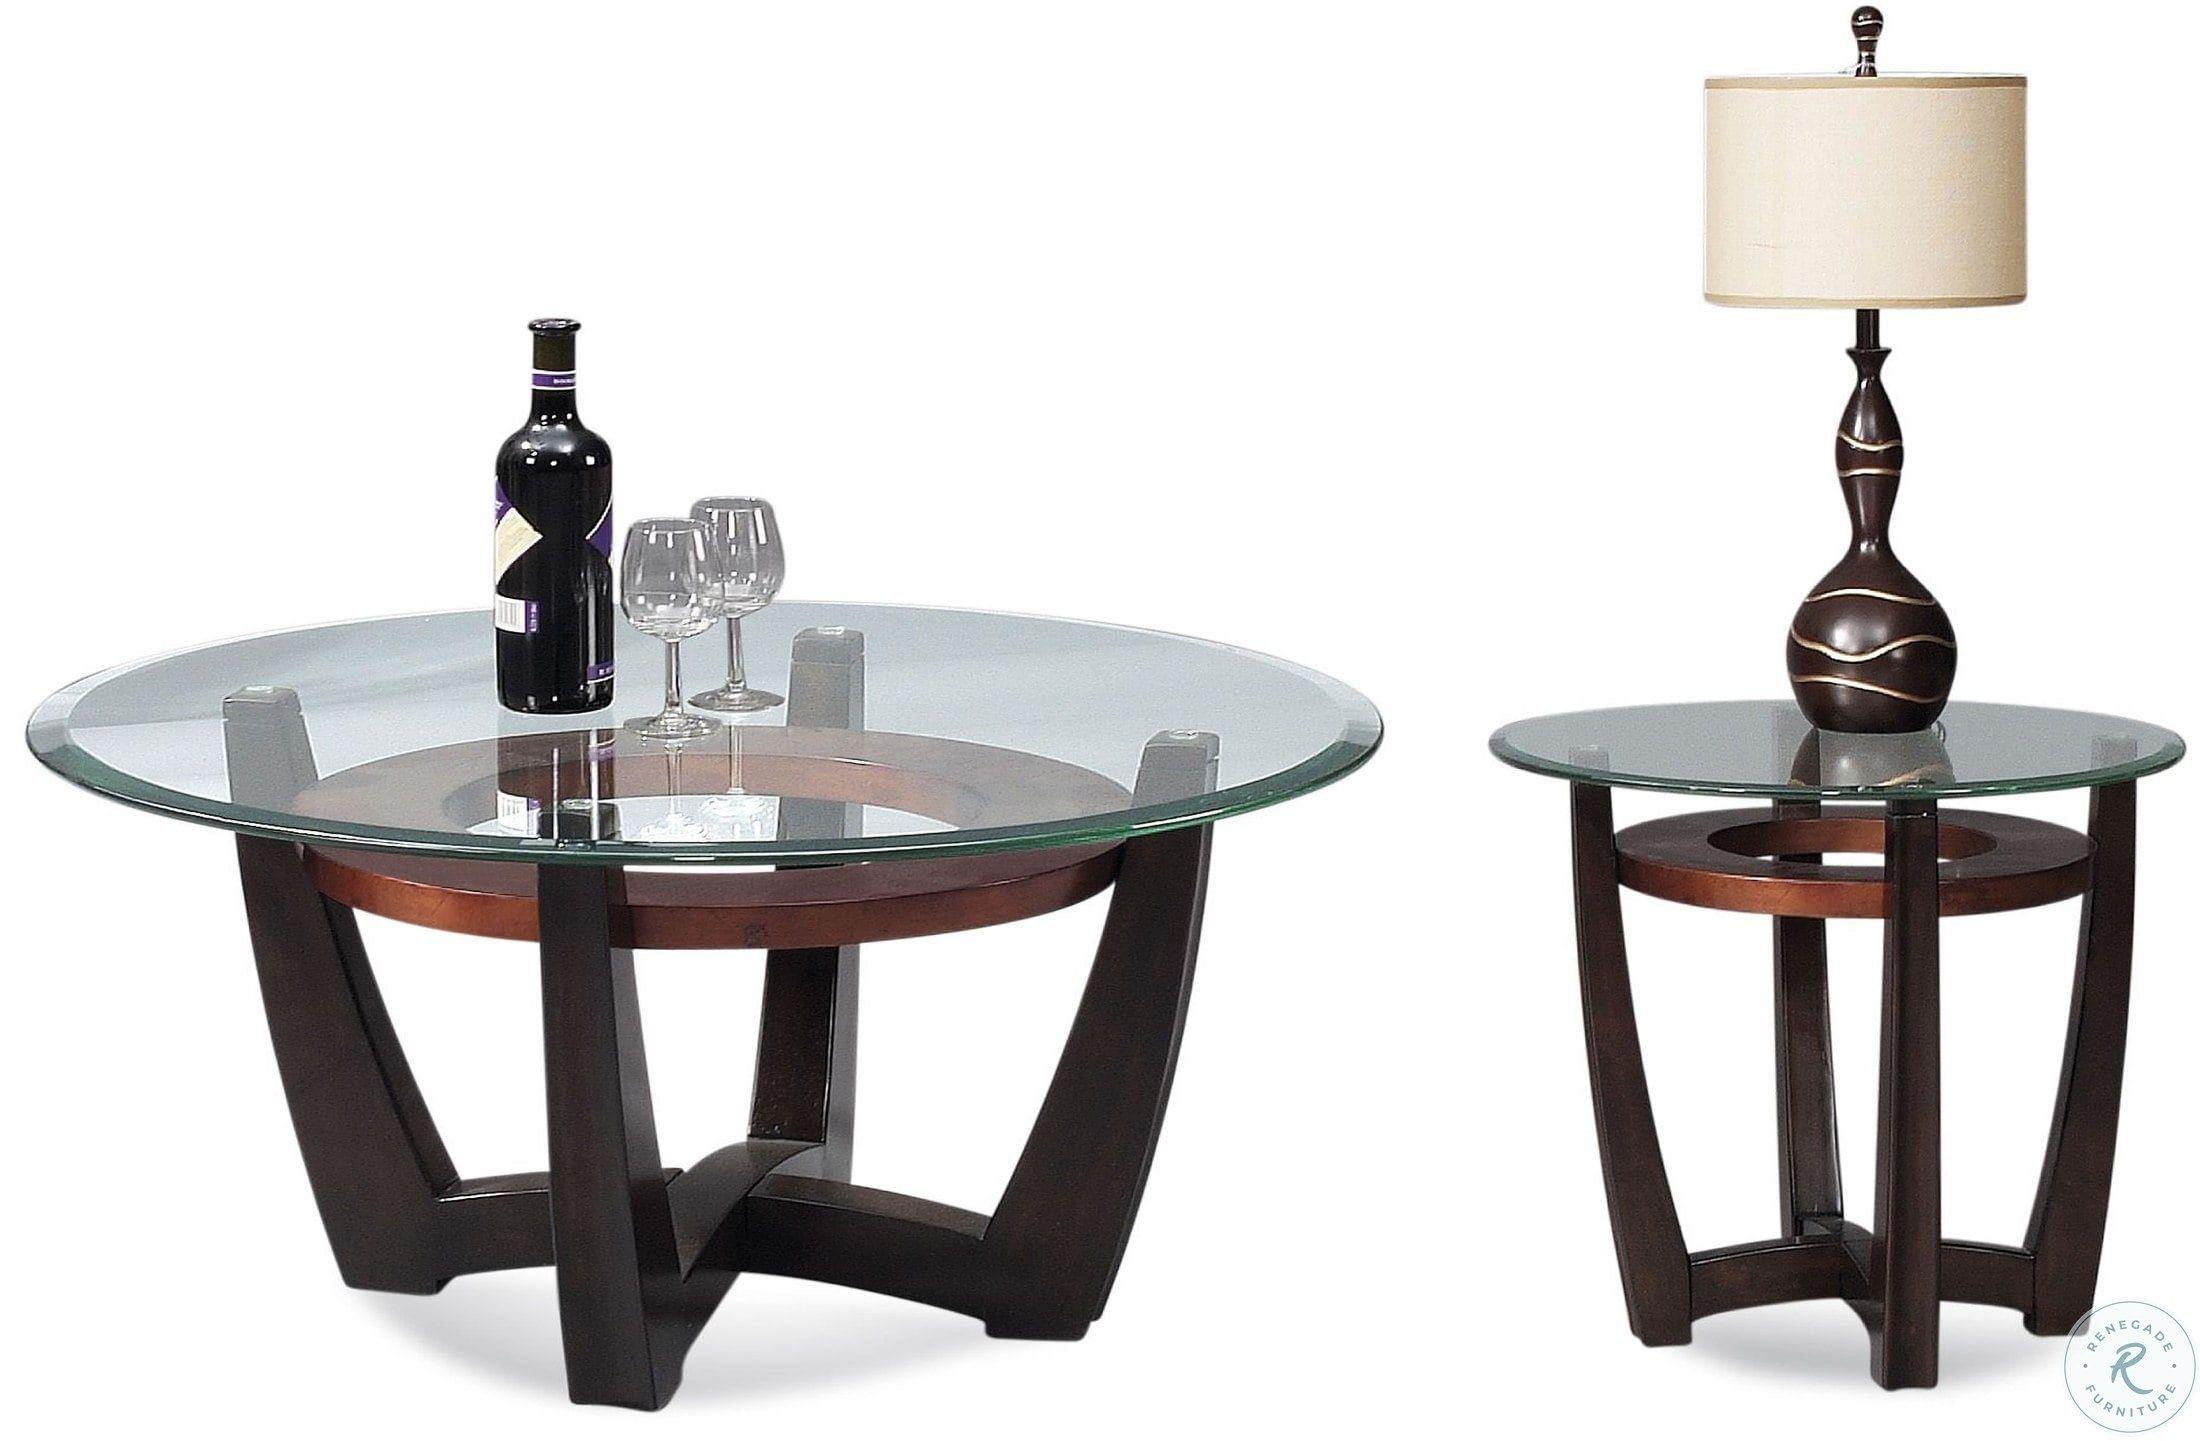 Metro Copper And Espresso Round Occasional Table Set Occasional Table Table Settings Table [ 1441 x 2200 Pixel ]